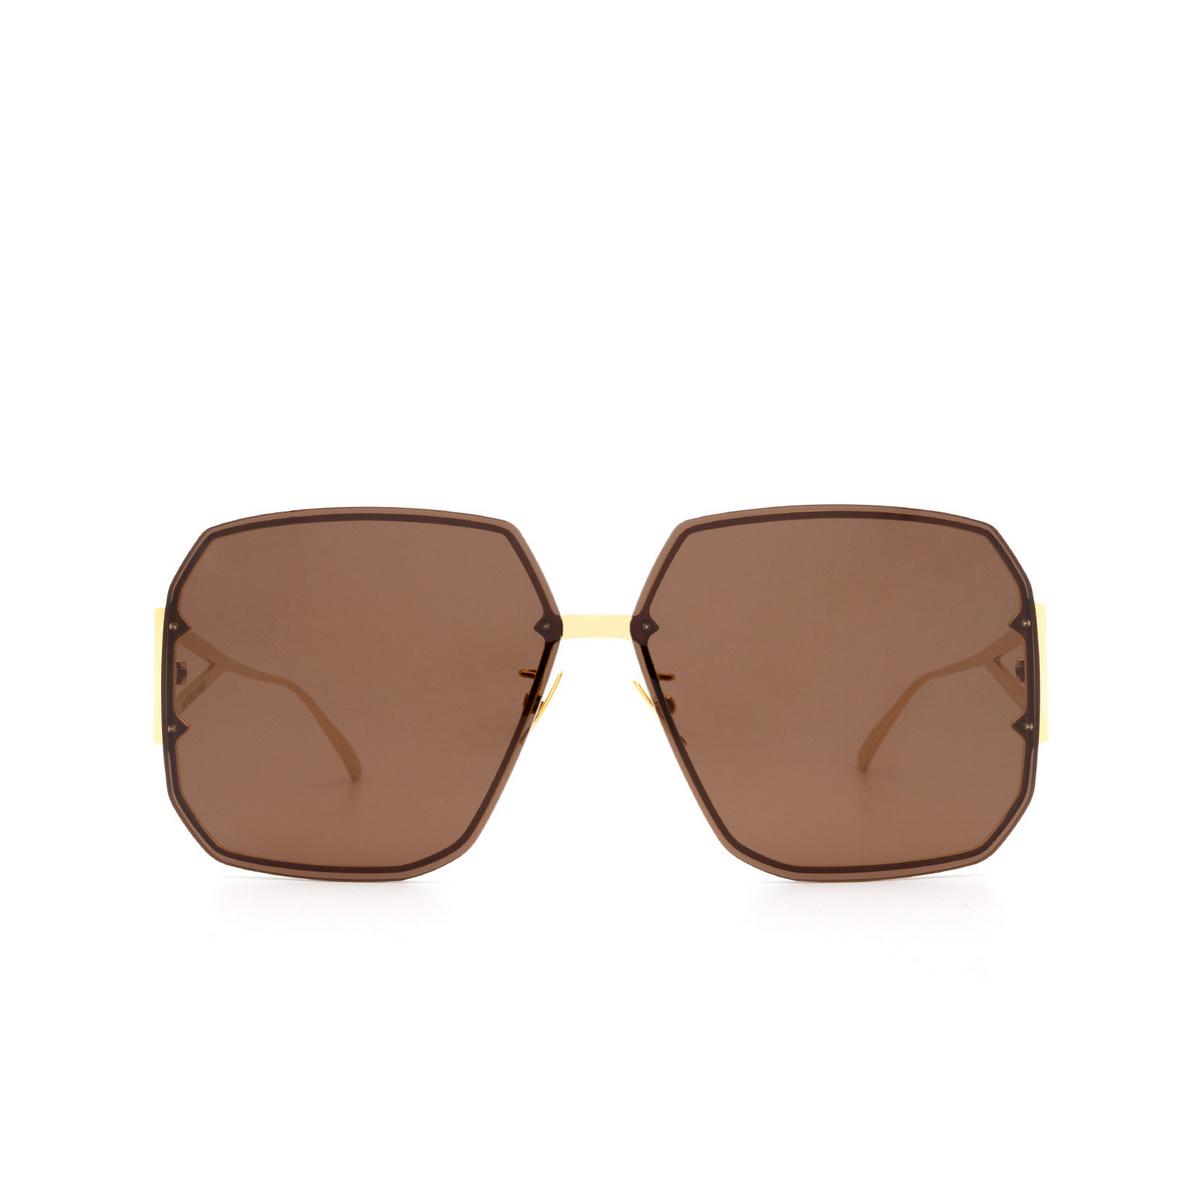 Bottega Veneta® Square Sunglasses: BV1085SA color Gold 002 - front view.